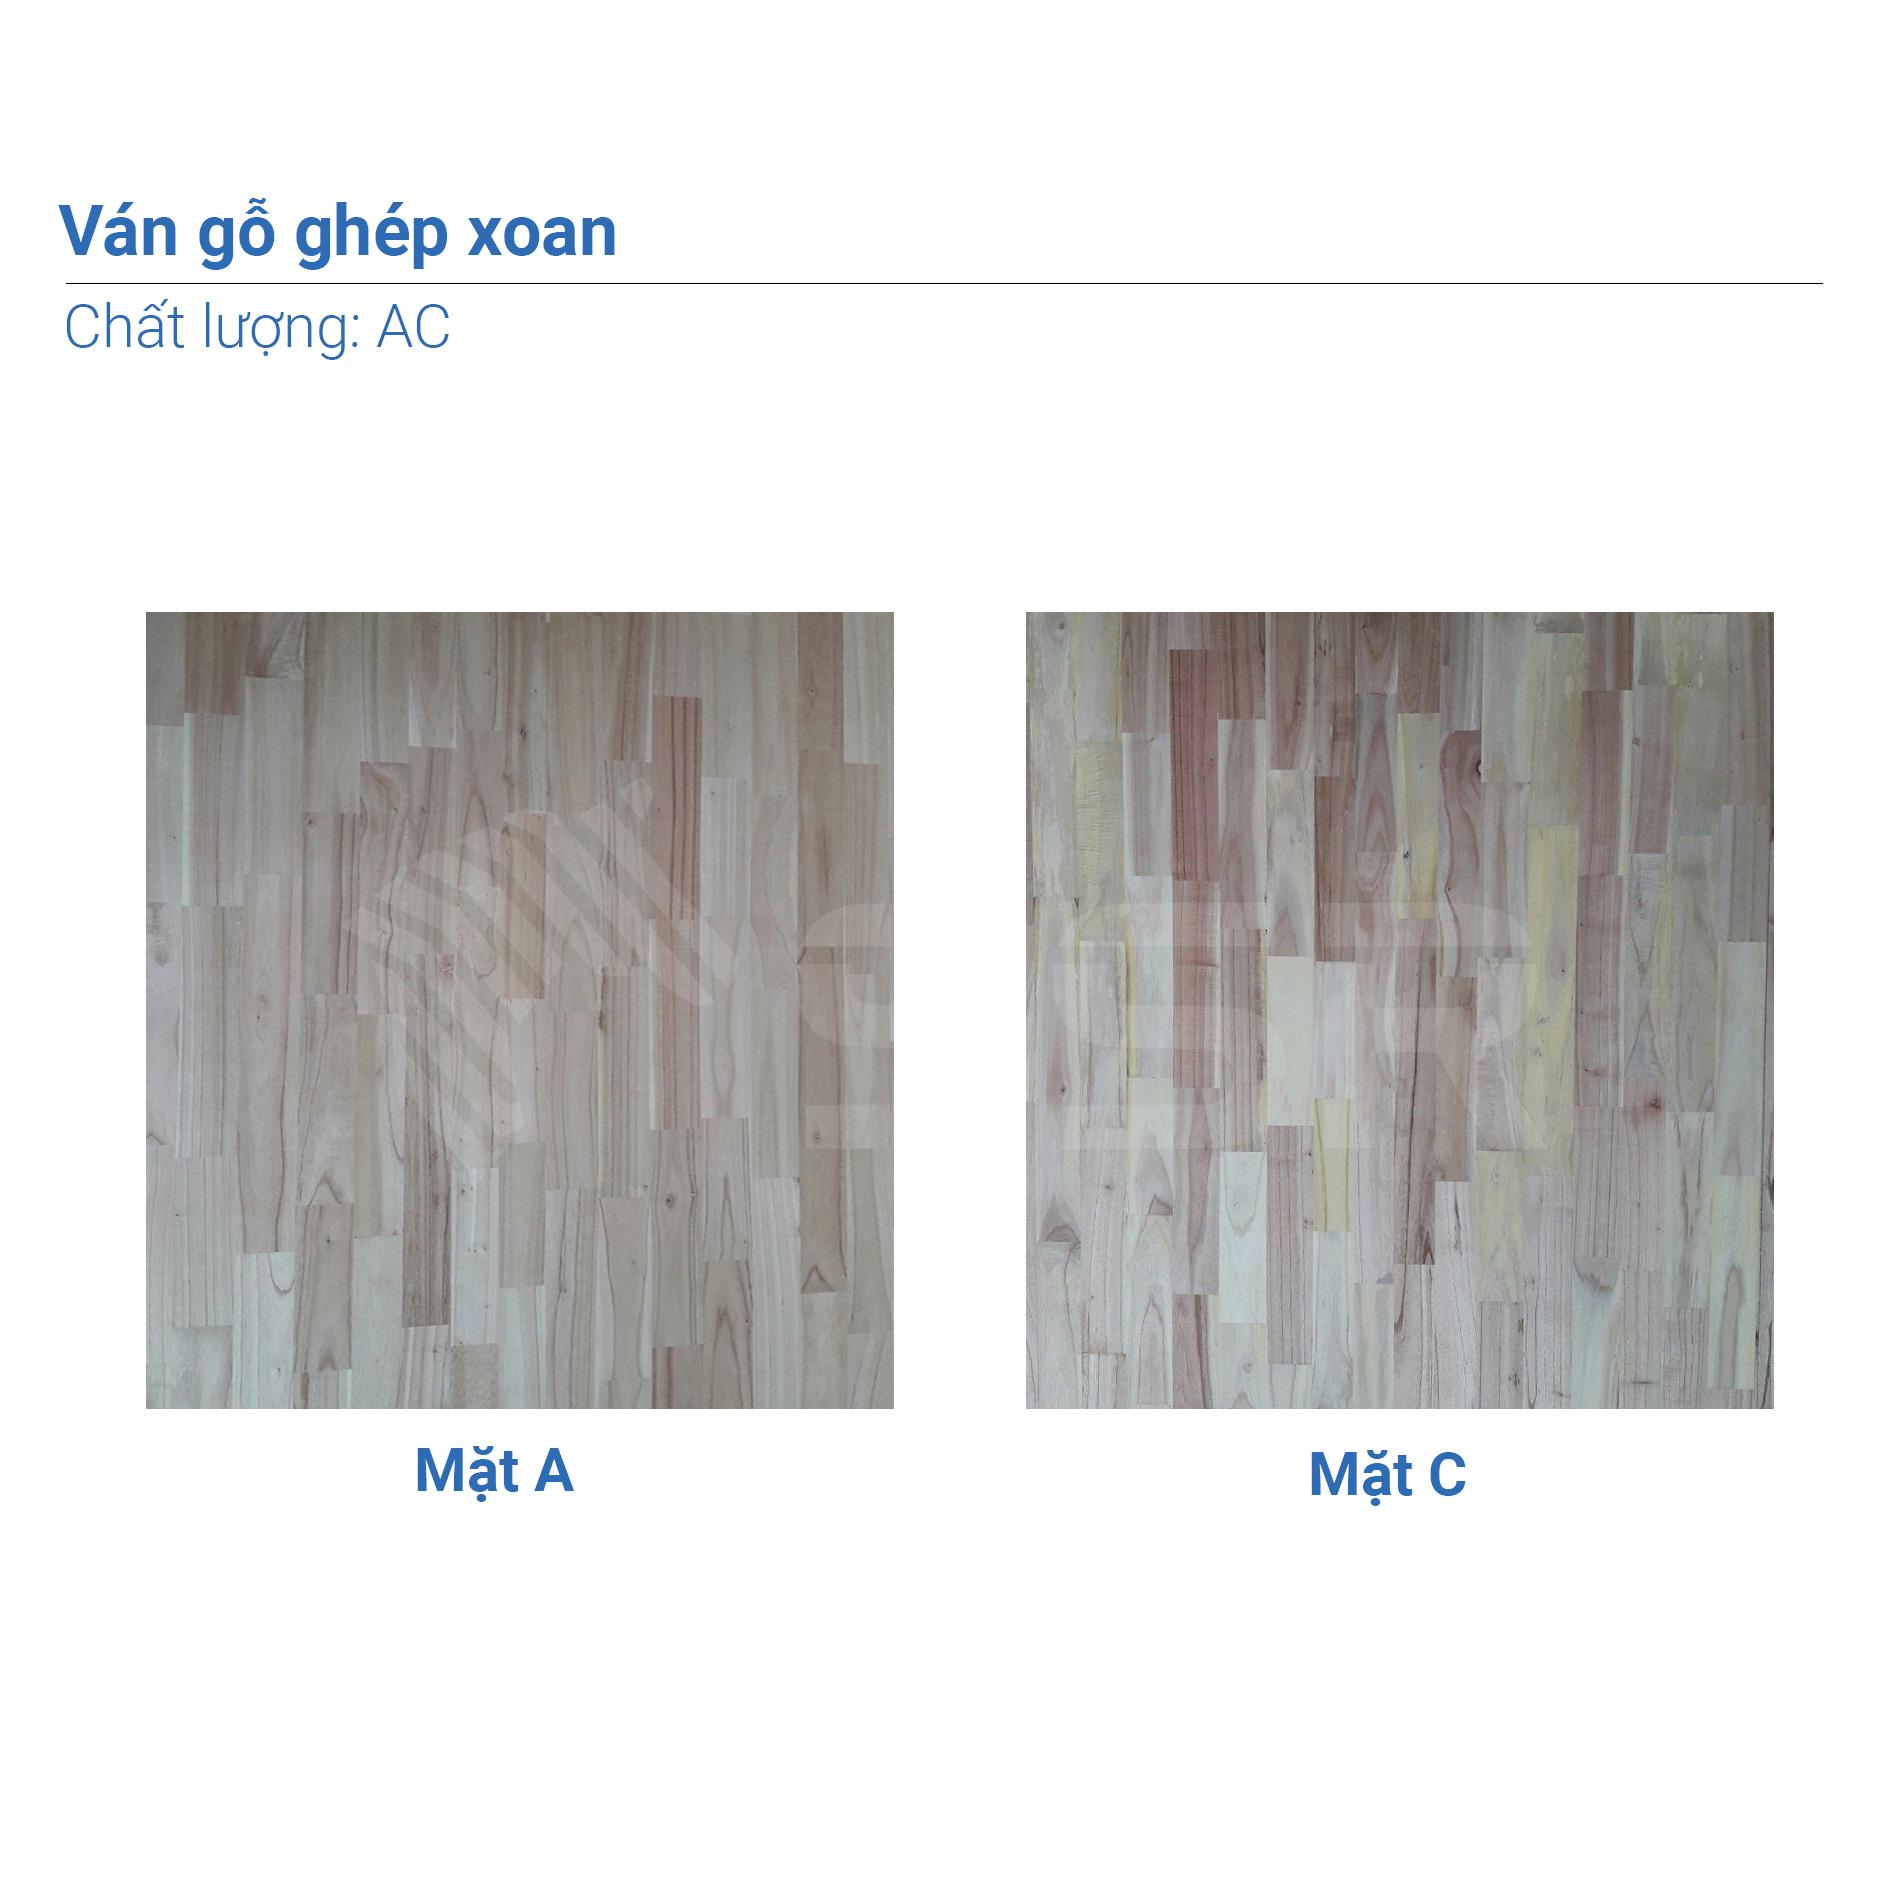 Gỗ xoan đào Gỗ ghép thanh Gỗ cứng Tấm gỗ Ván gỗ Ghép finger Joint Công nghiệp gỗ Toàn cầu Thương mại Buôn bán Nhà cung cấp sản phẩm gỗ quốc tế Bán sỉ Chứng nhận FSC Kinh doanh quốc tế Nhập khẩu Xuất khẩu